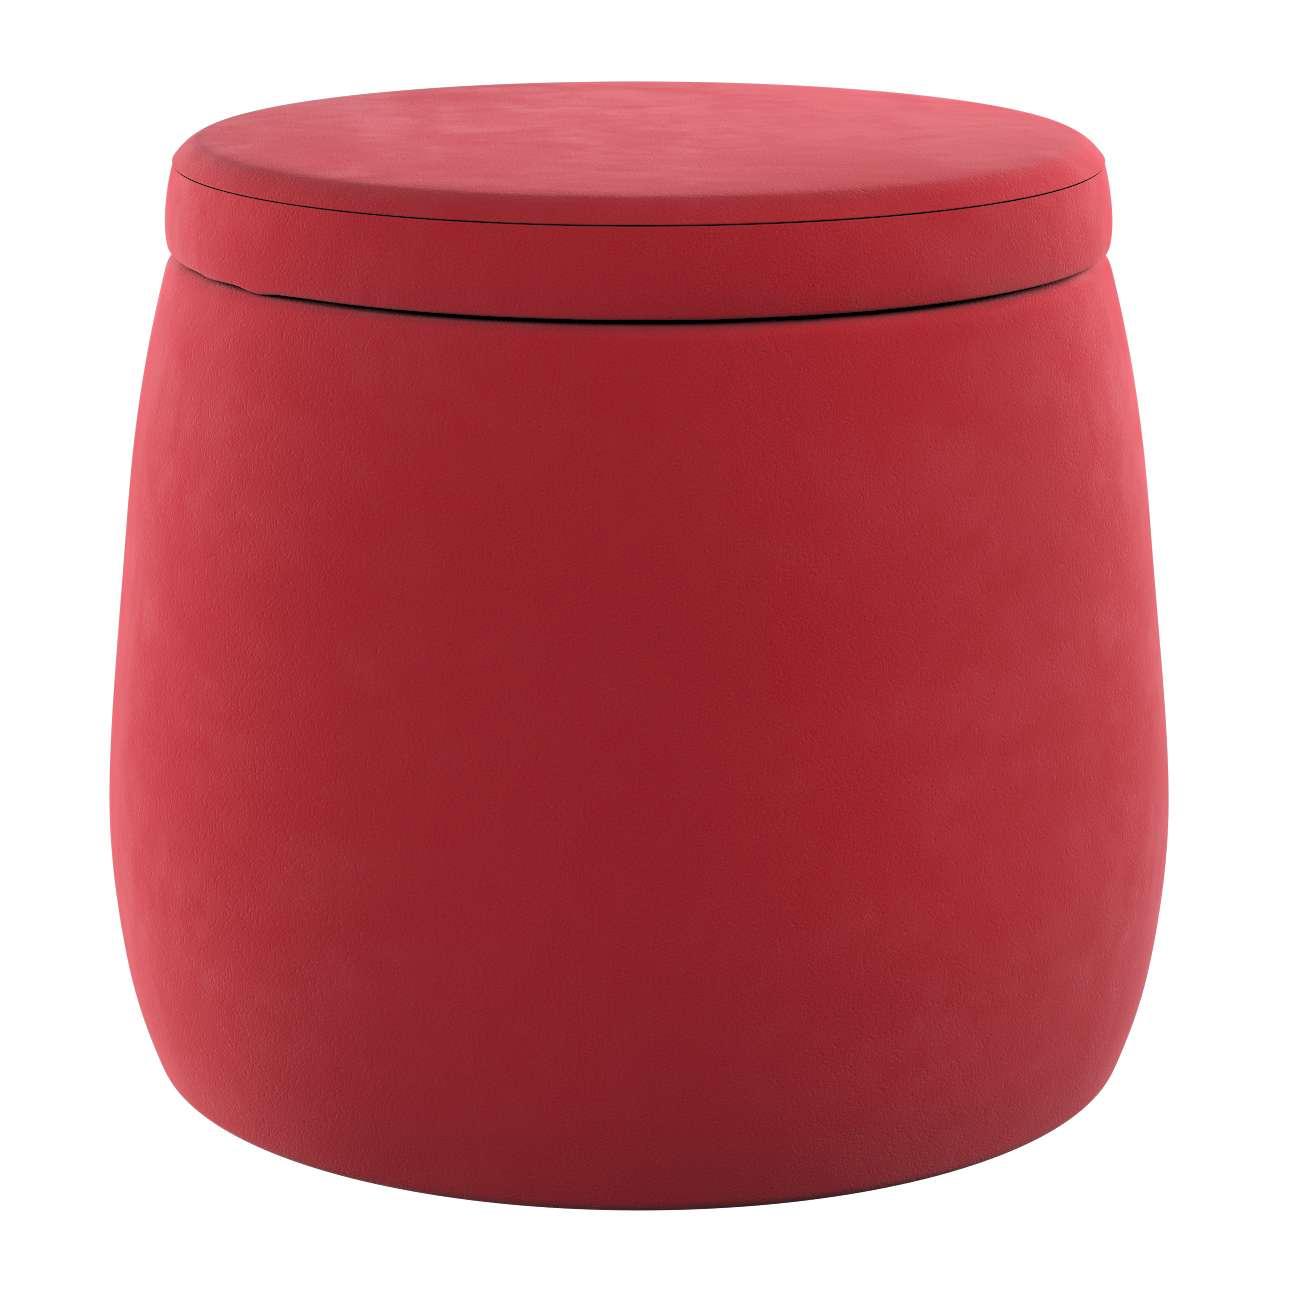 Pouf Candy Jar von der Kollektion Posh Velvet, Stoff: 704-15